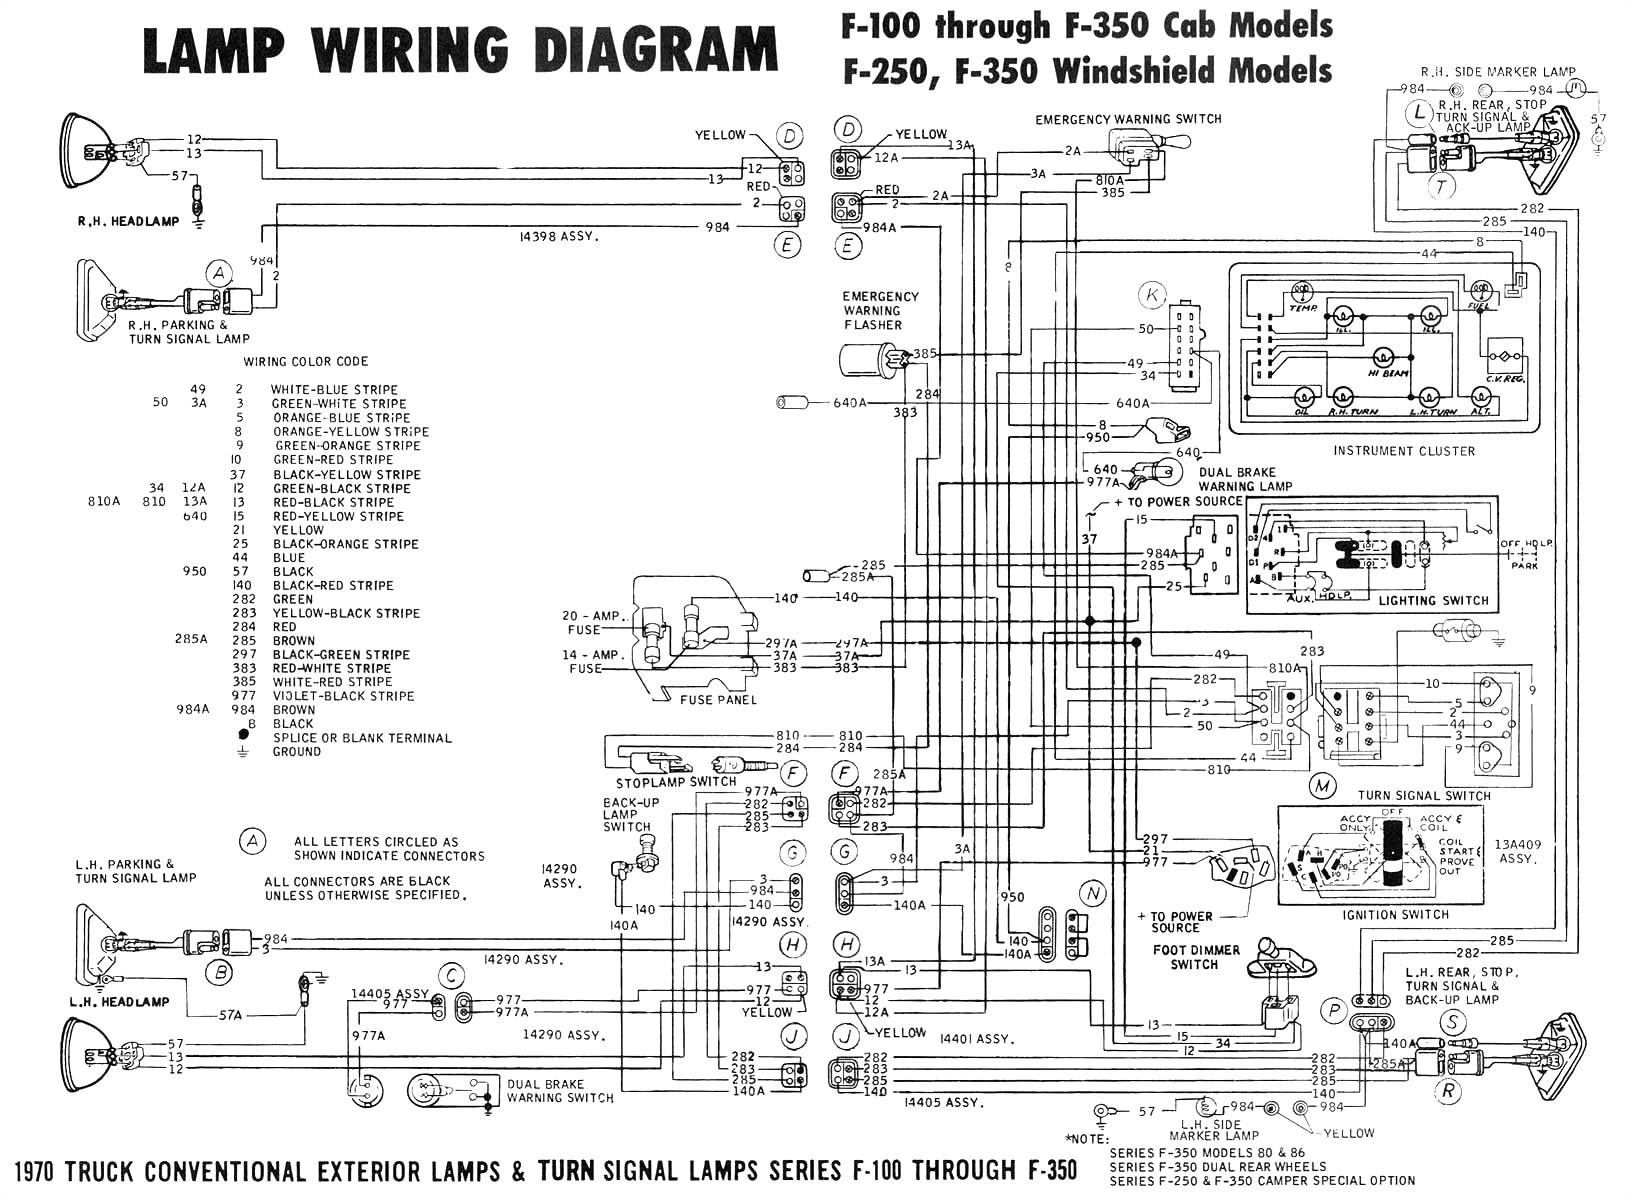 Gm Map Sensor Wiring Diagram Map Sensor Wiring Diagram 1996 240sx Another Blog About Wiring Diagram